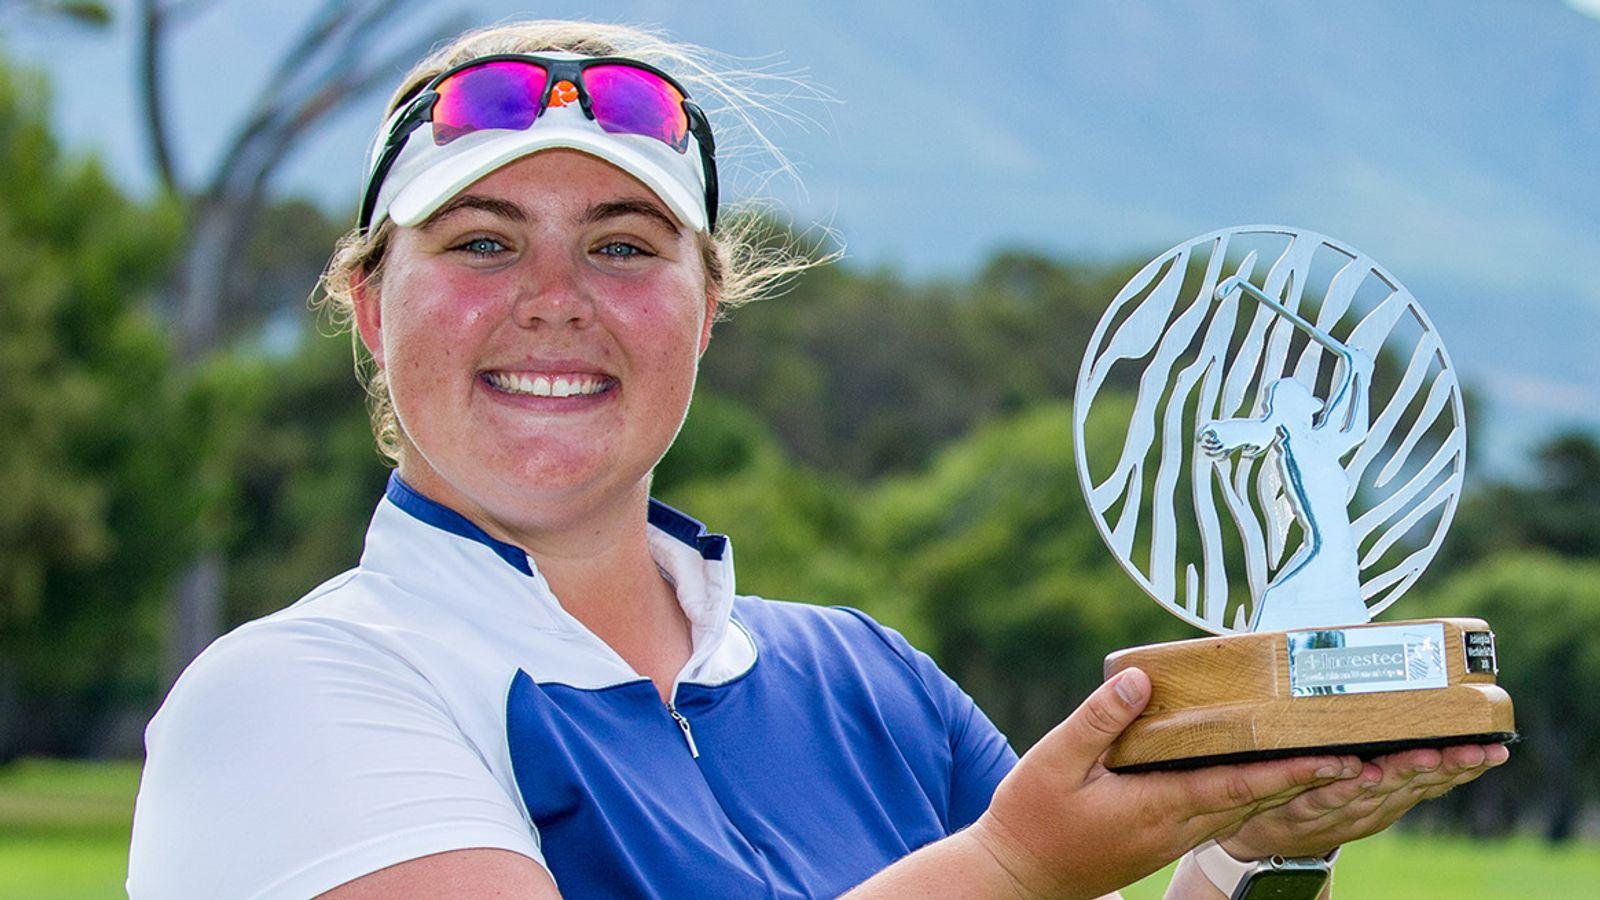 Gira Europea de Damas: Alice Hewson gana el Abierto Femenino de Sudáfrica | Noticias de golf 18